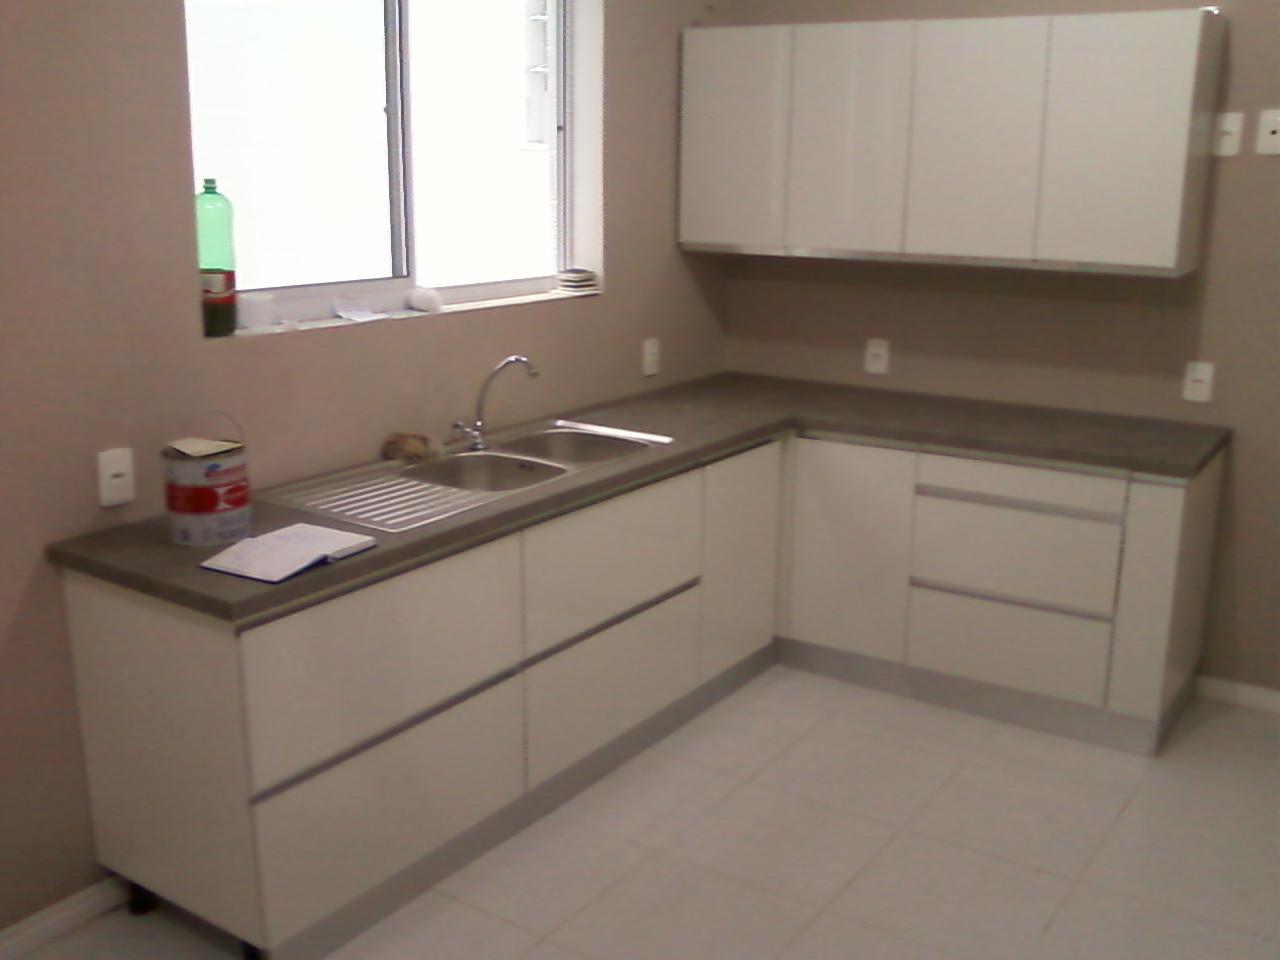 #4E7D5A WSPD Marcenaria: Estilo americano de cozinha montagem 1280x960 px A Cozinha Mais Recente Projeta Fotos_836 Imagens